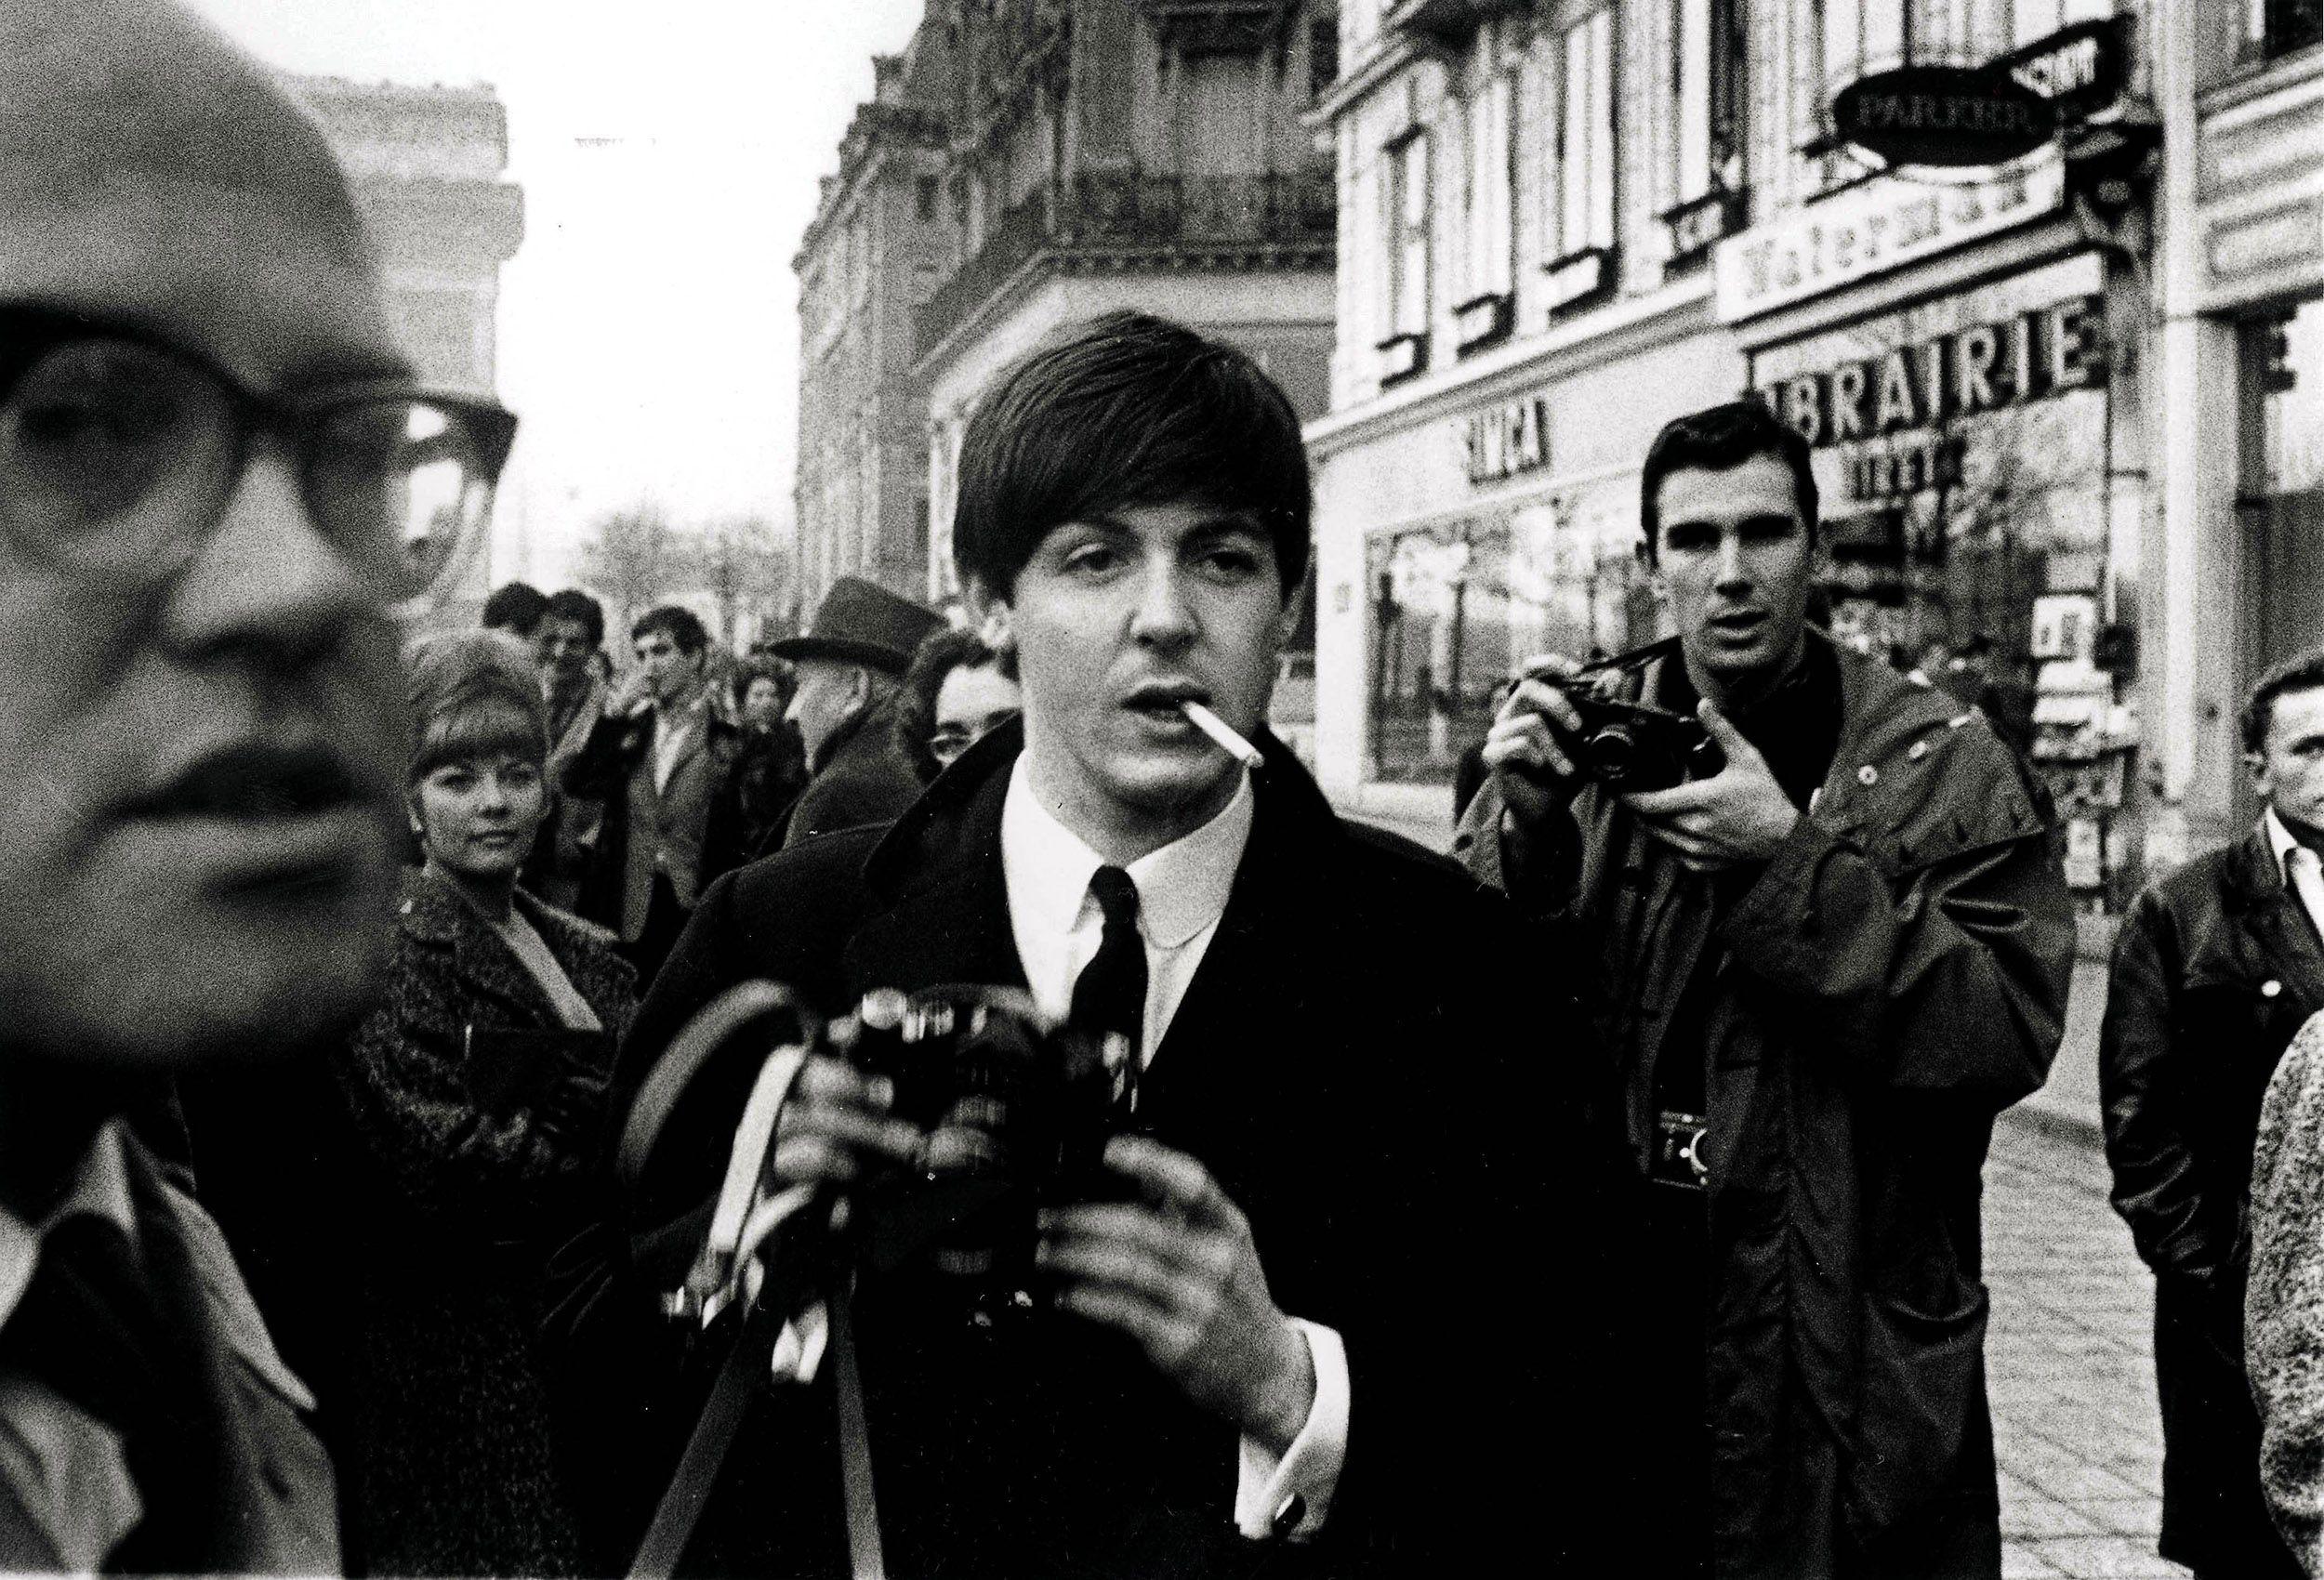 A John Lennon devotee had to reassess Paul McCartney's